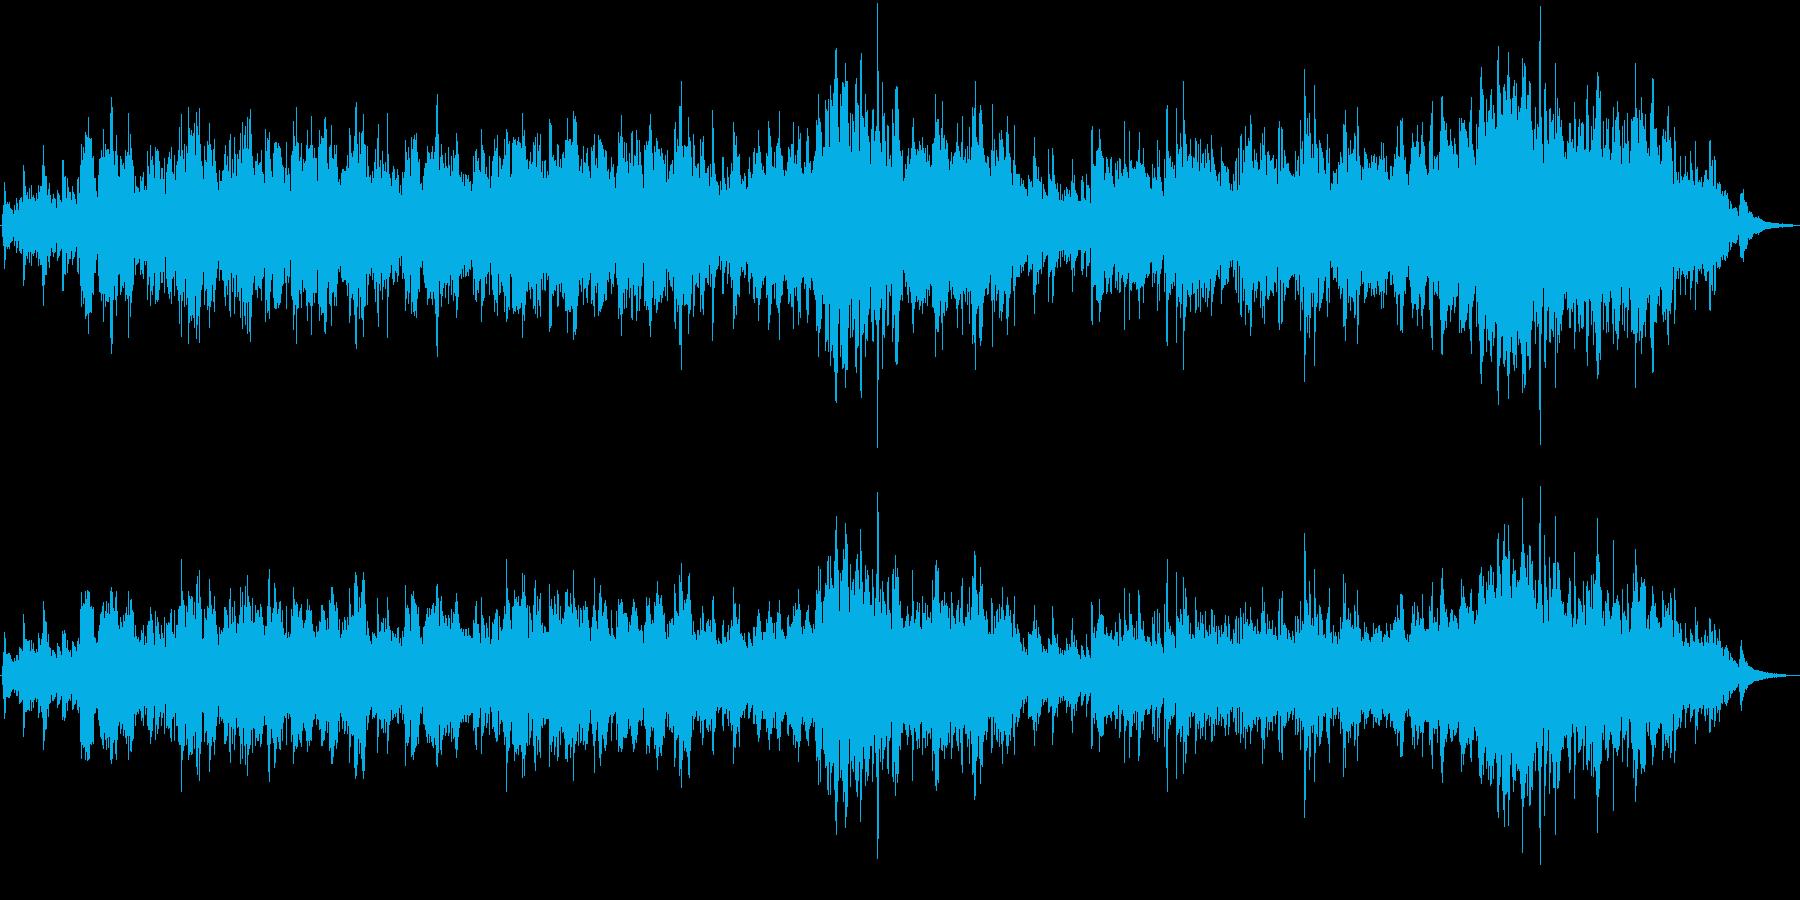 二胡の生演奏による穏やかでゆったりした曲の再生済みの波形